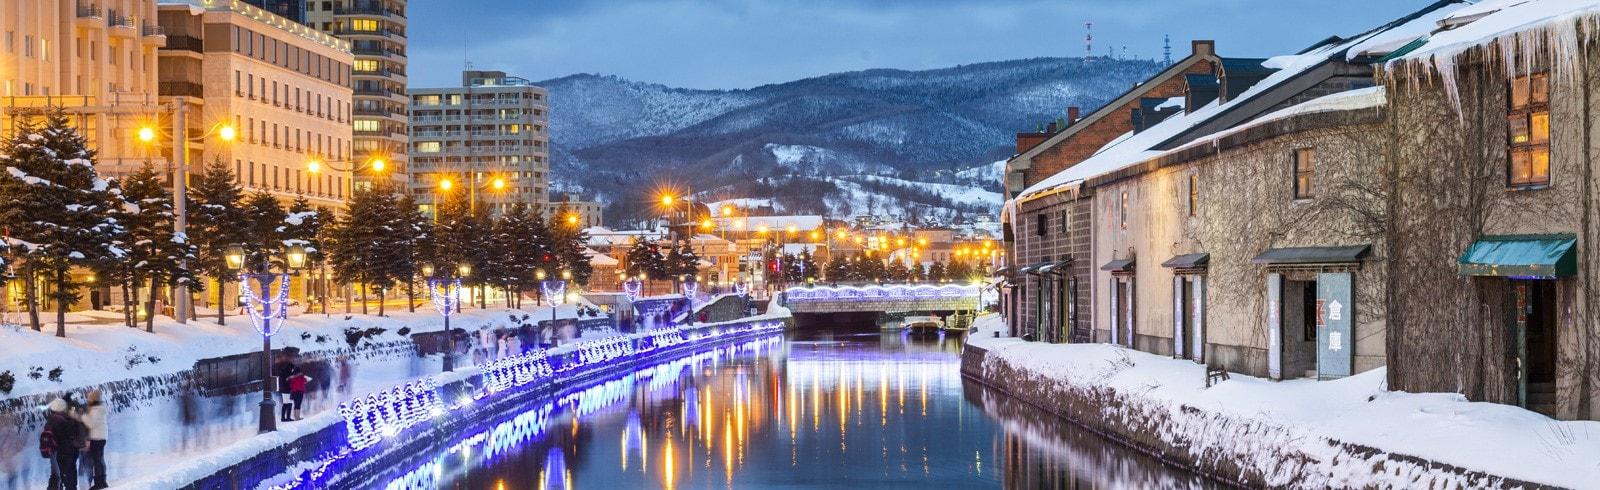 hokkaido's winter river view, travel insurance banner